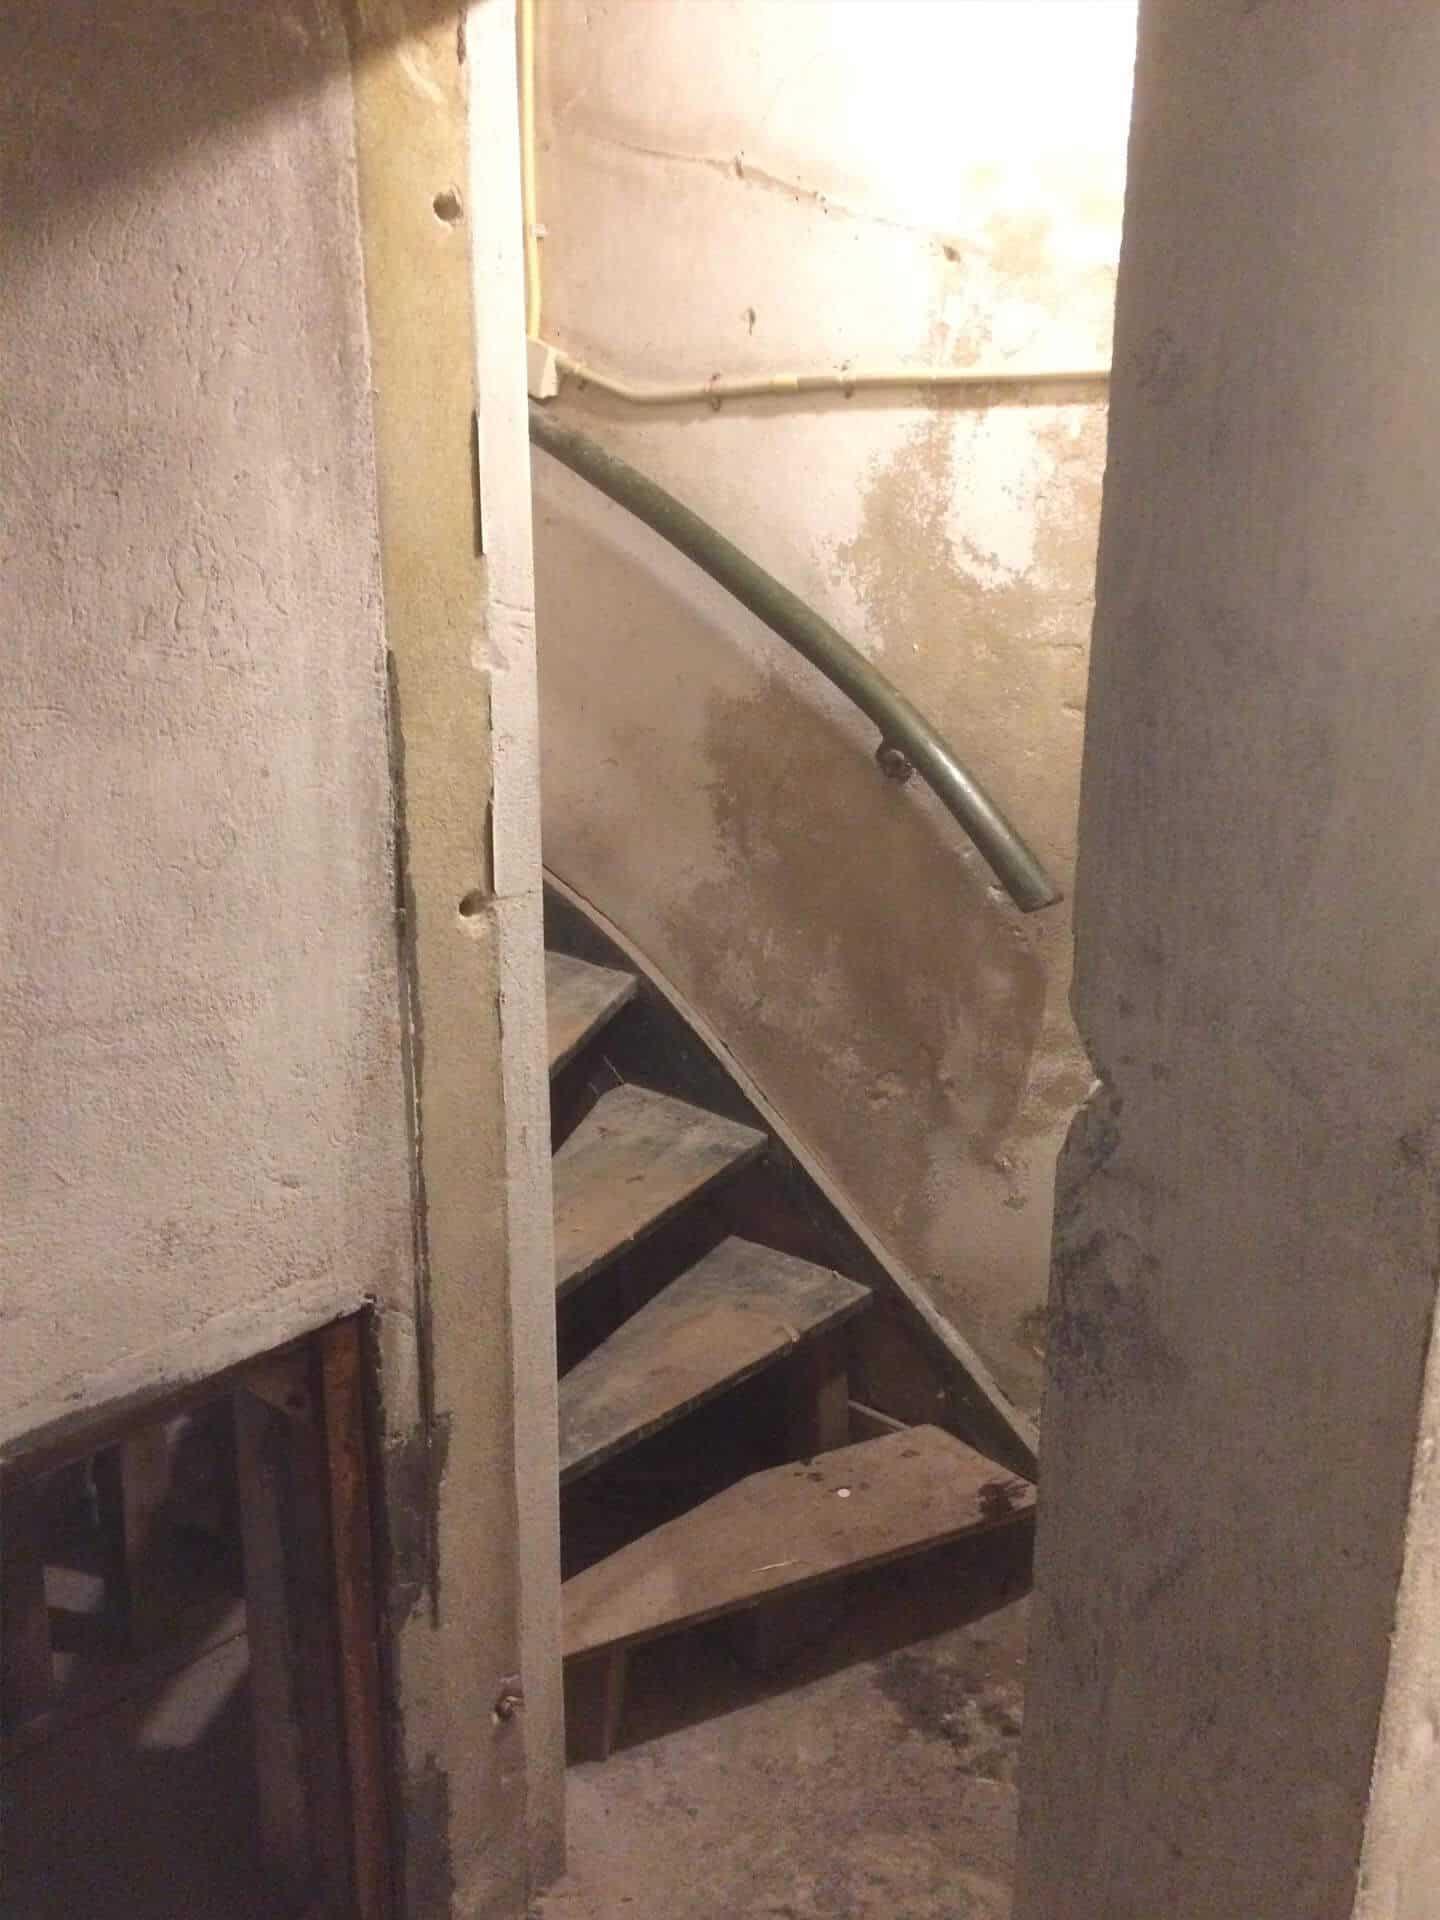 Kelder trap Amsterdam voor